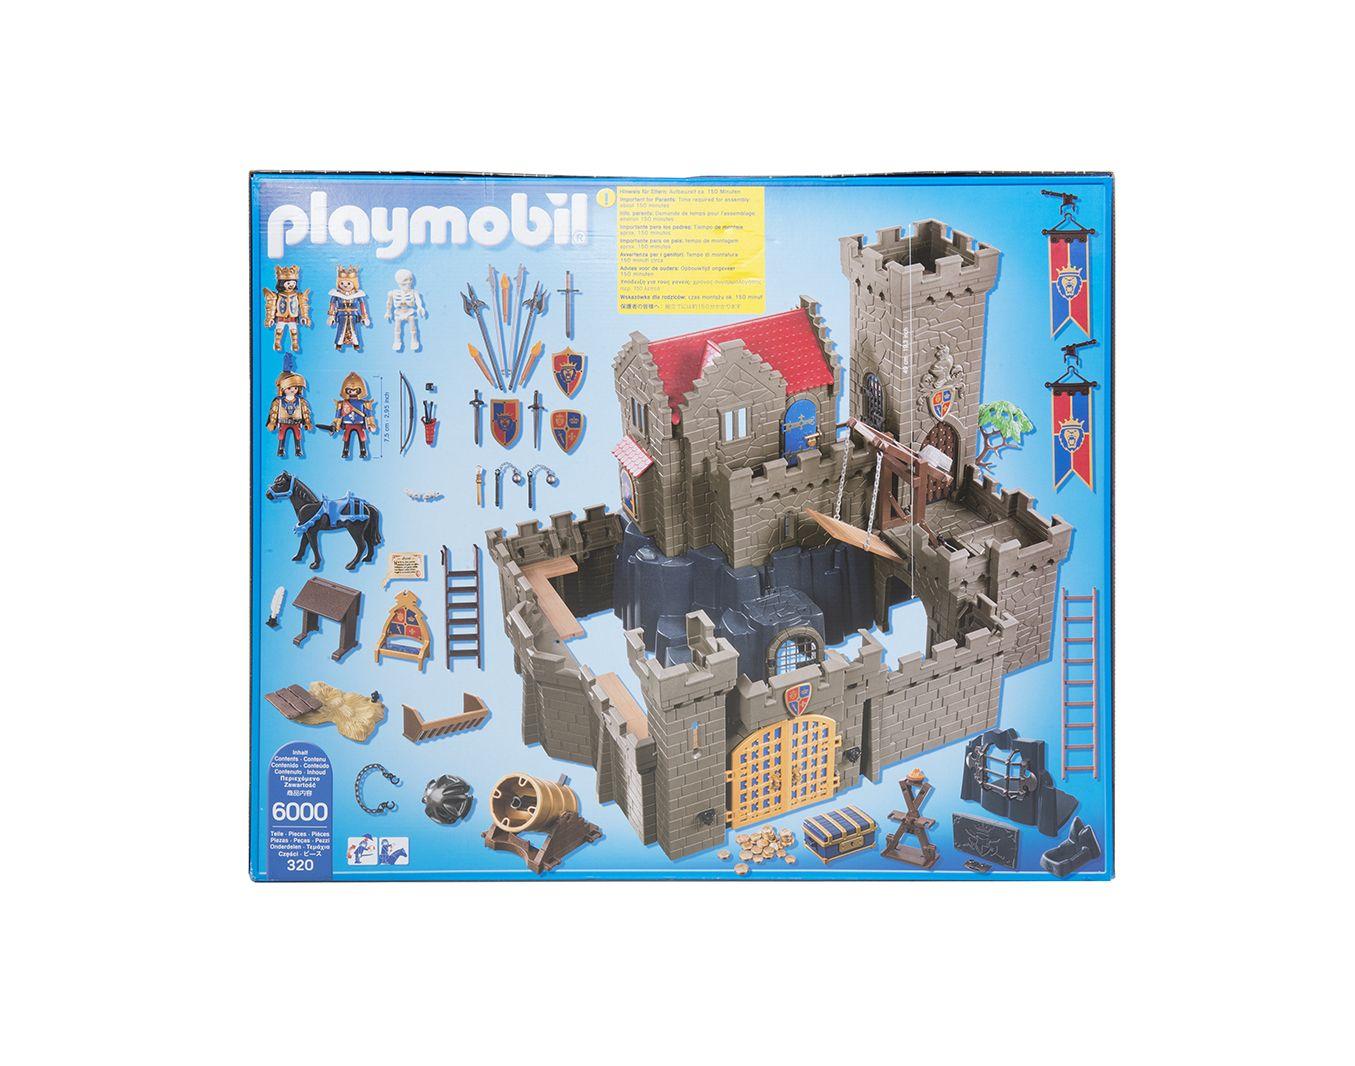 Für Ritter und alle, die gerne spielen: Playmobil Knights - Müller Drogerie #playmobil #müller #müllerdrogerie #atriovillach